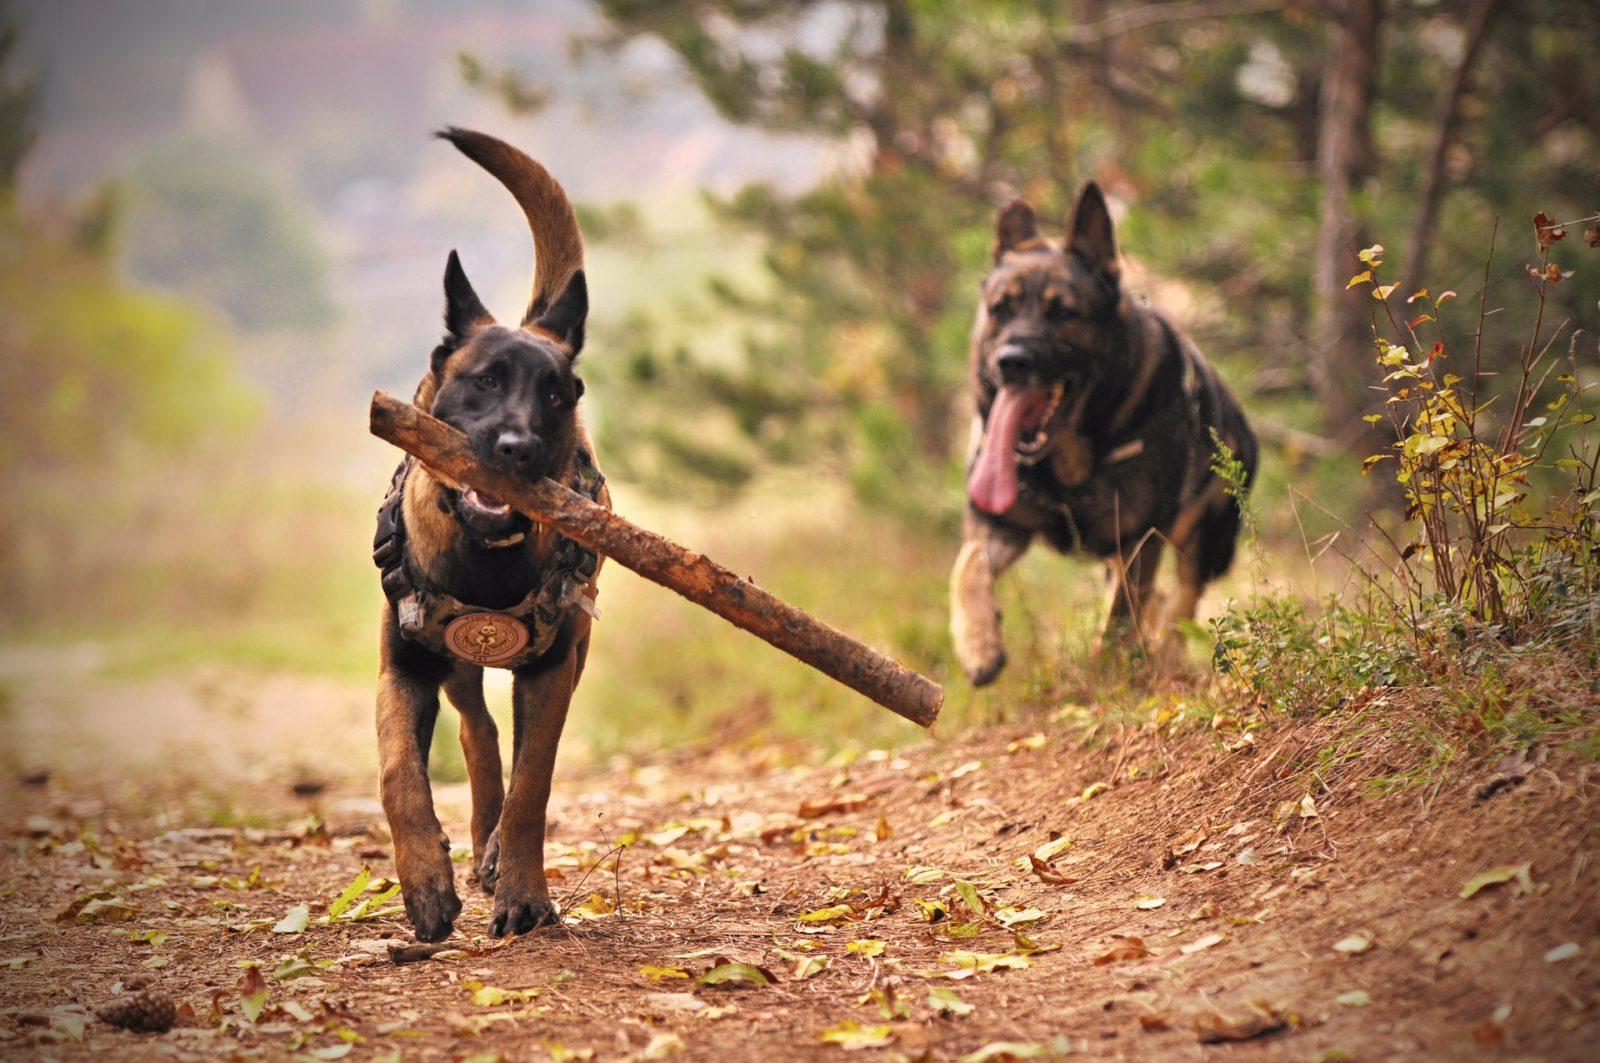 Os jogos para cachorro estimulam fisicamente e mentalmente a saúde dele.